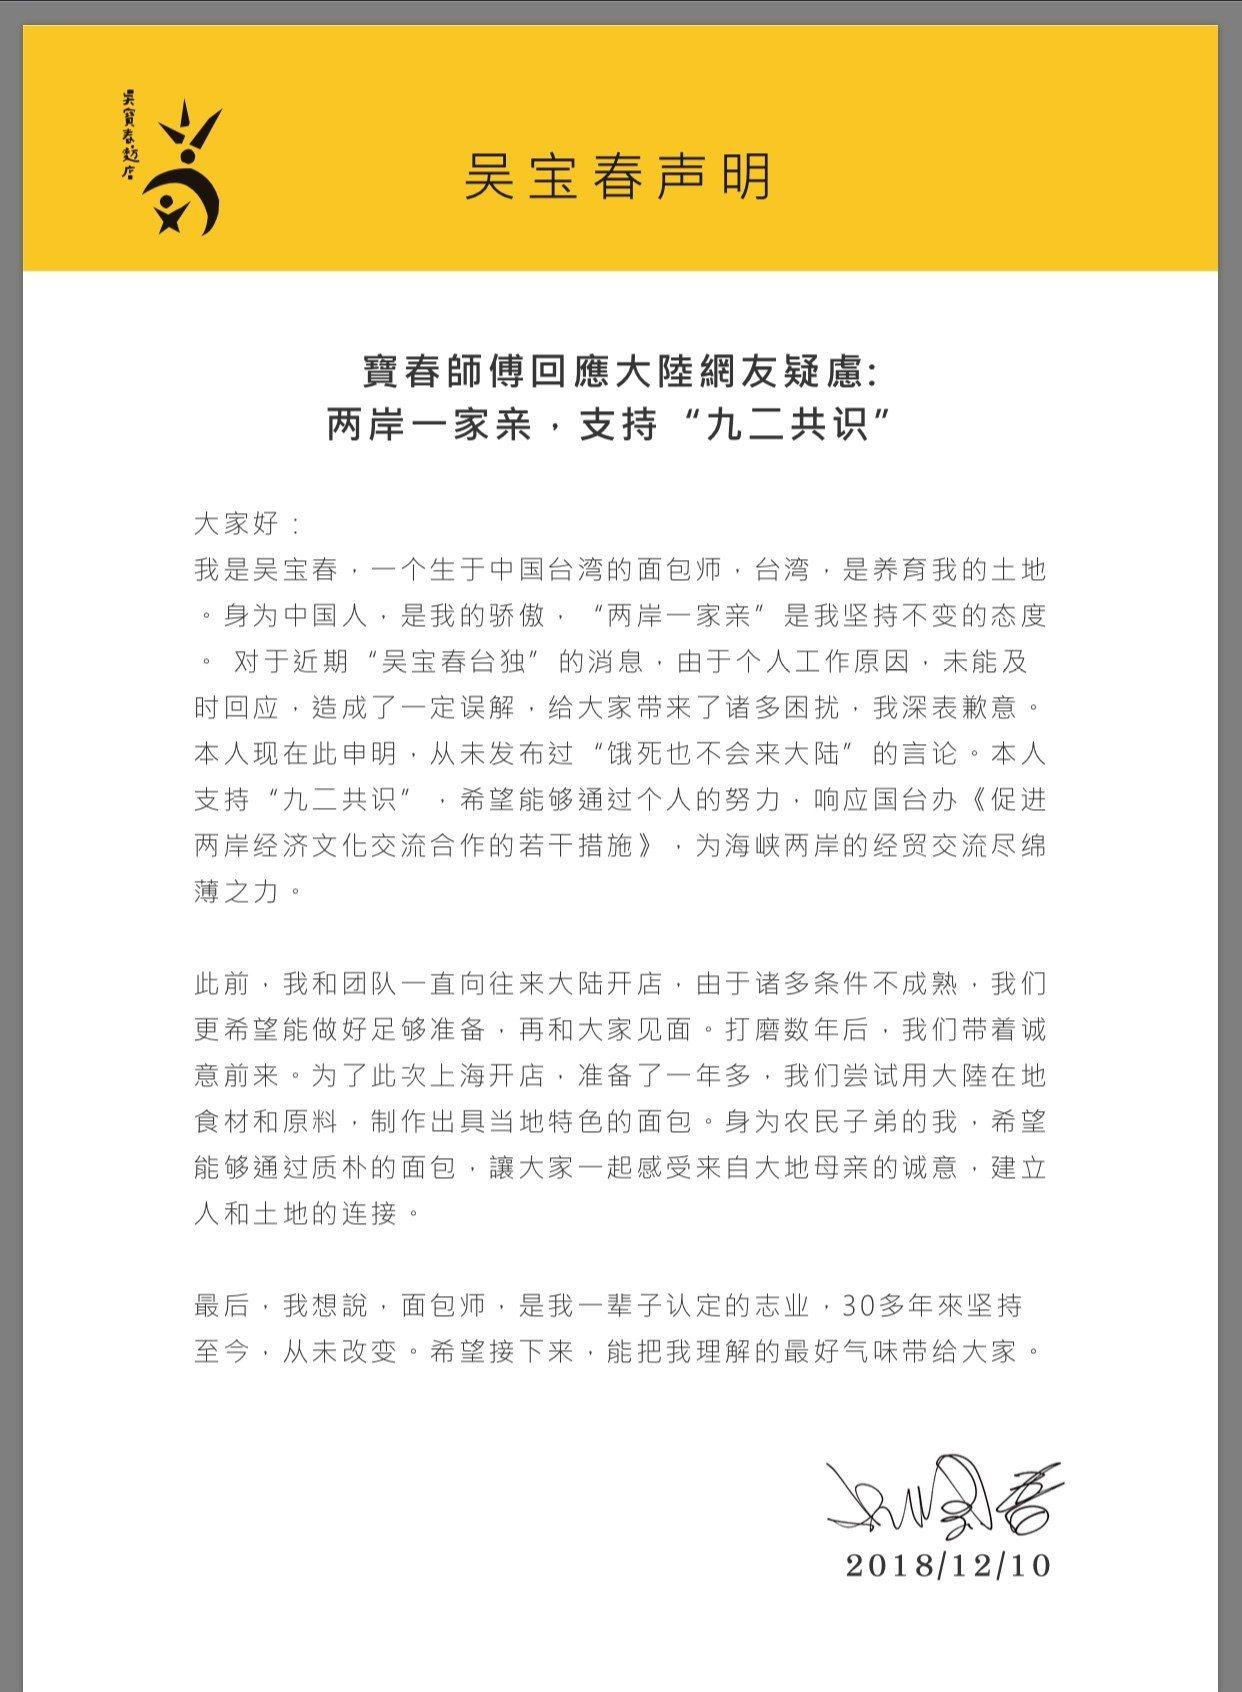 吳寶春10日發表聲明,強調兩岸一家親、支持「九二共識」。